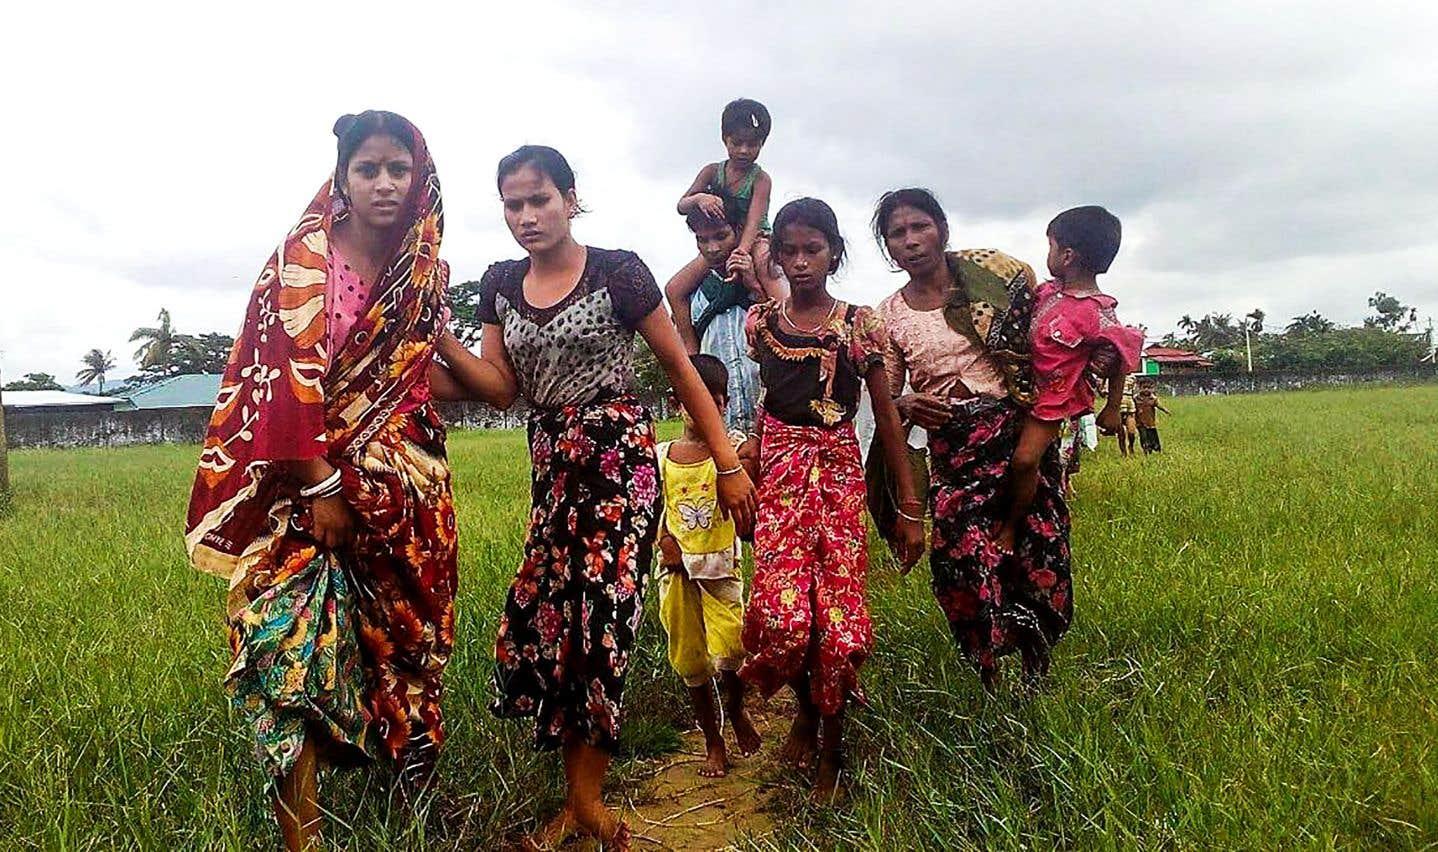 Des Rohingyas fuyant la violence dans leur village arrivent dans le canton de Yathae Taung dans l'État de Rhakine, en août.